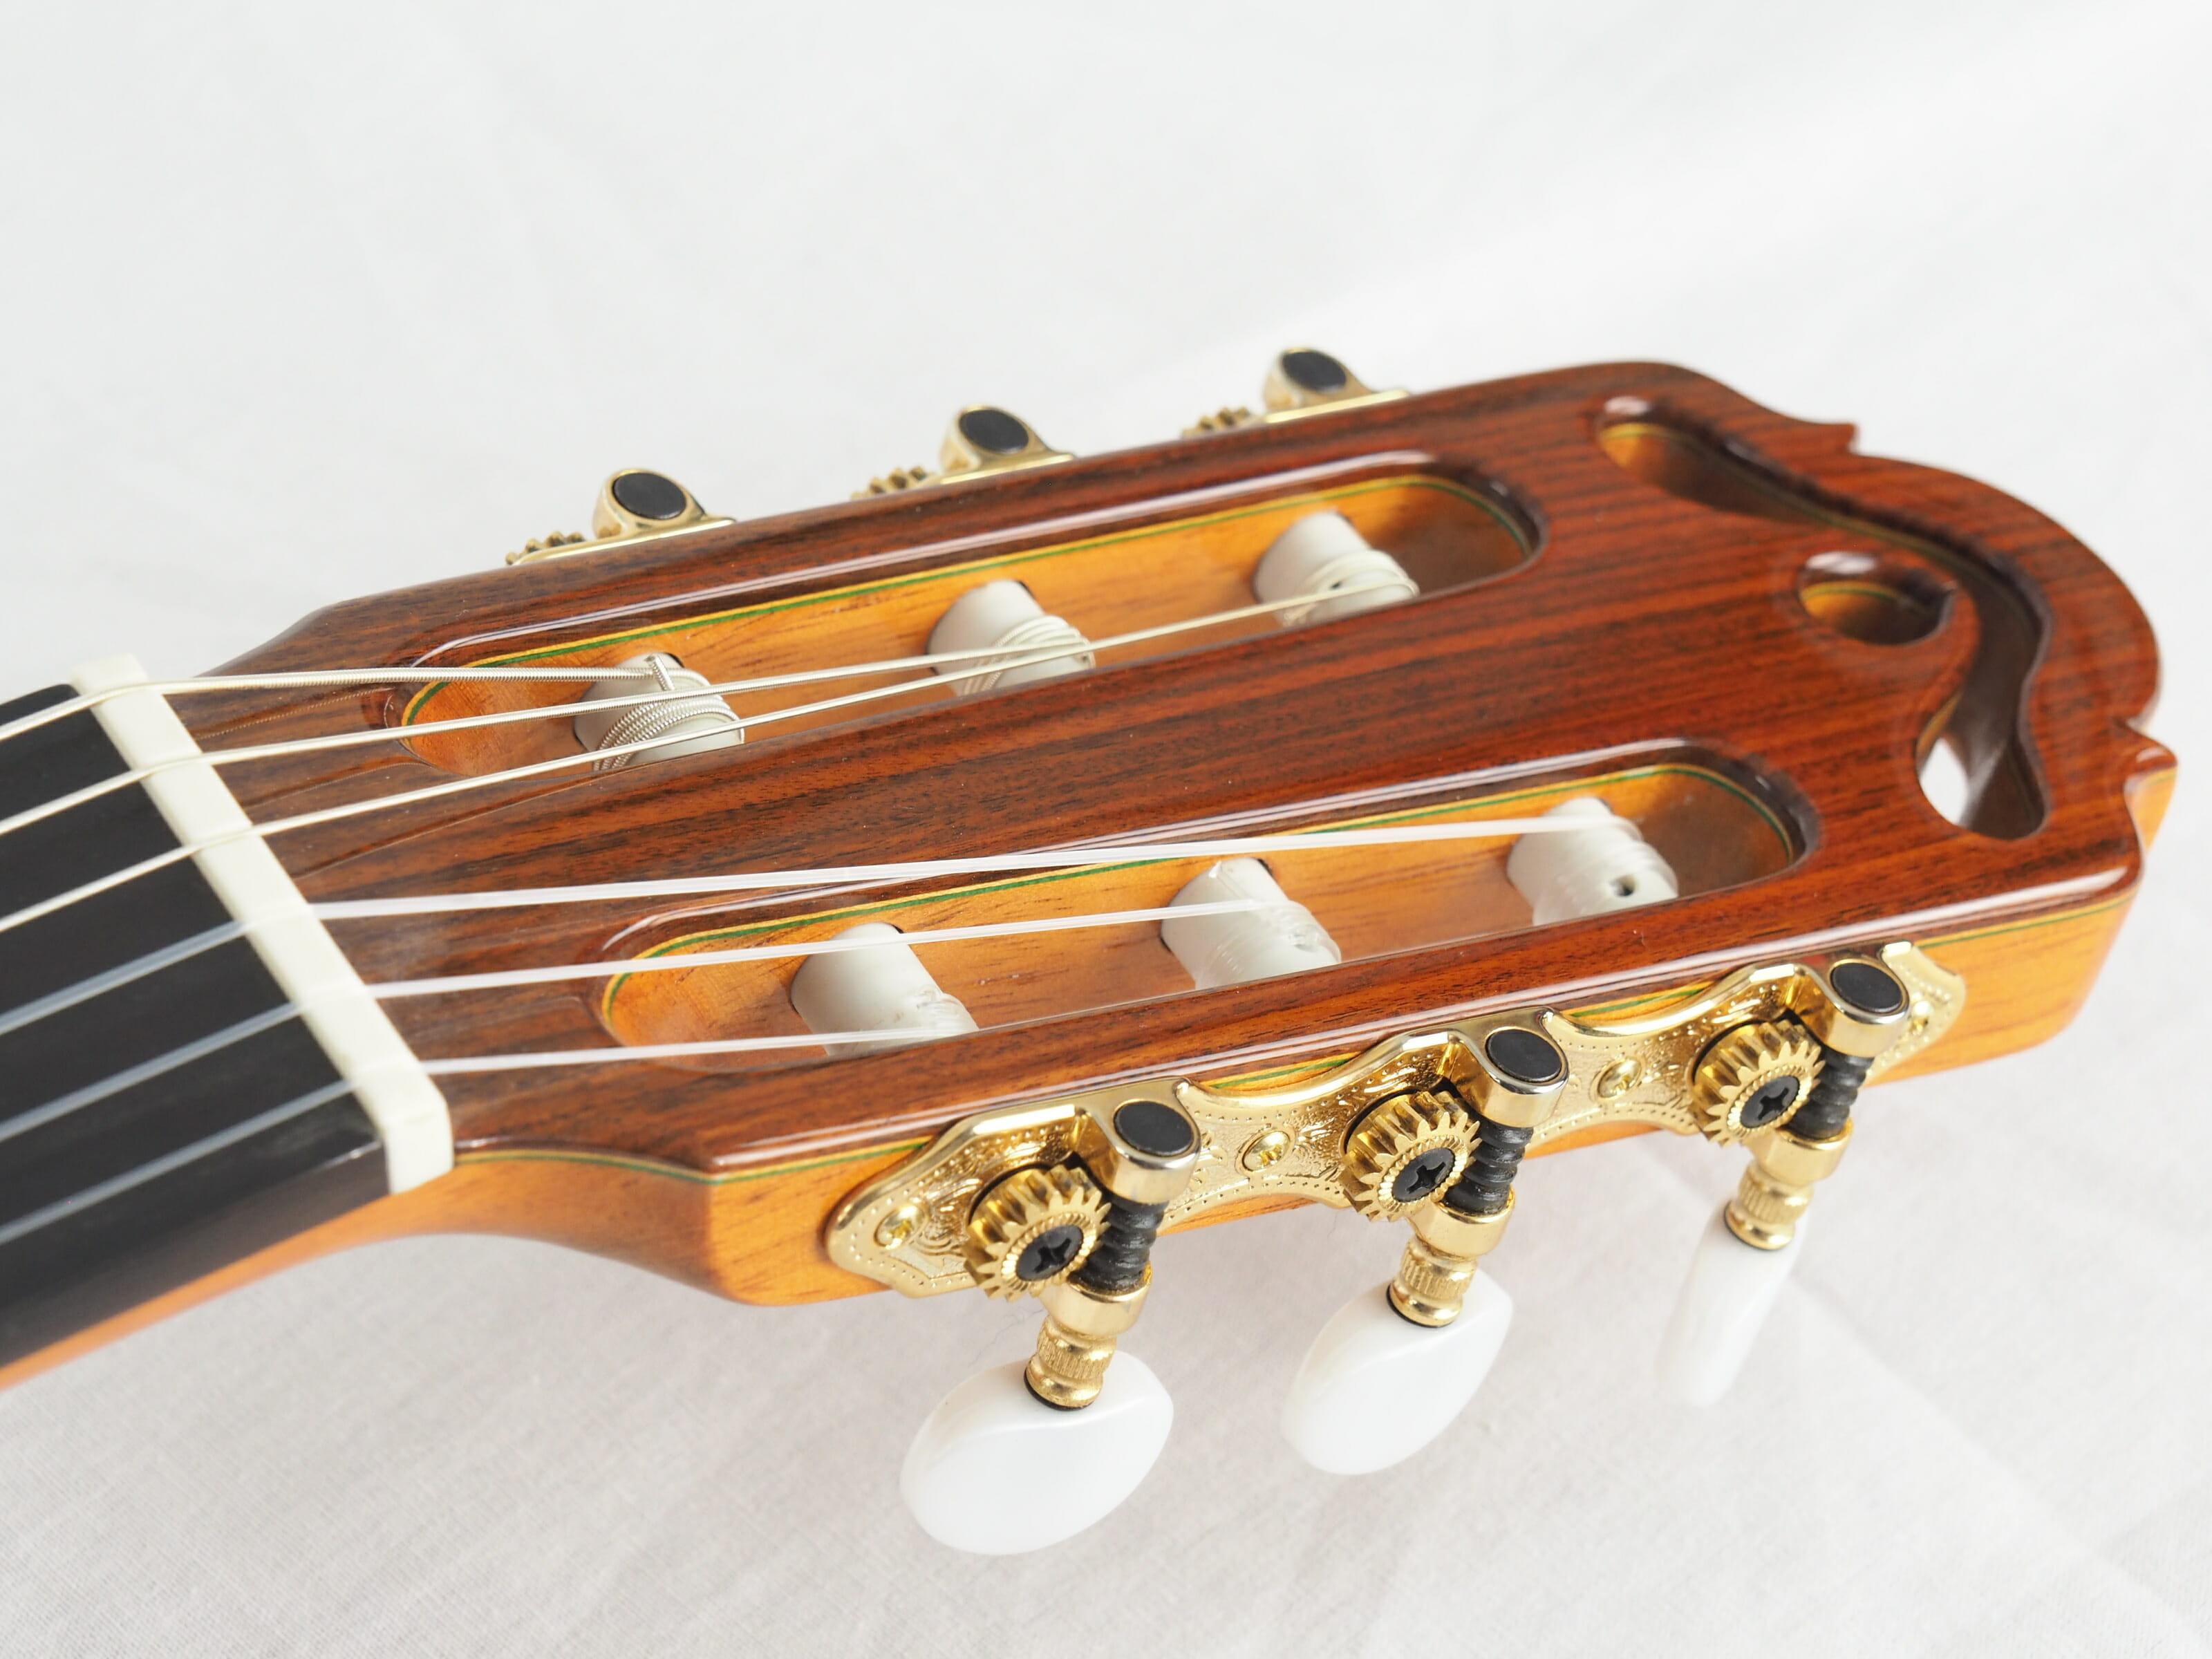 Dieter Hopf guitare luthier Artista Membrane No 19HOP163-01